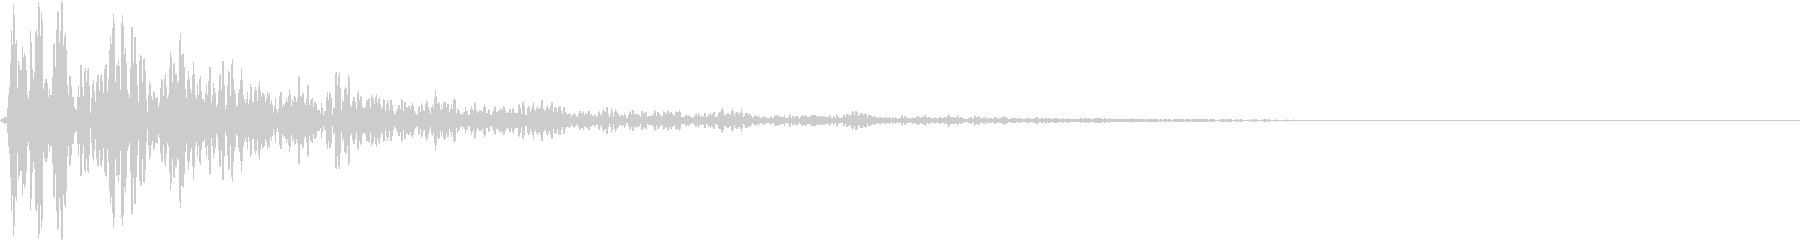 どん:地鳴り・迫力・オープニングホラーfの未再生の波形